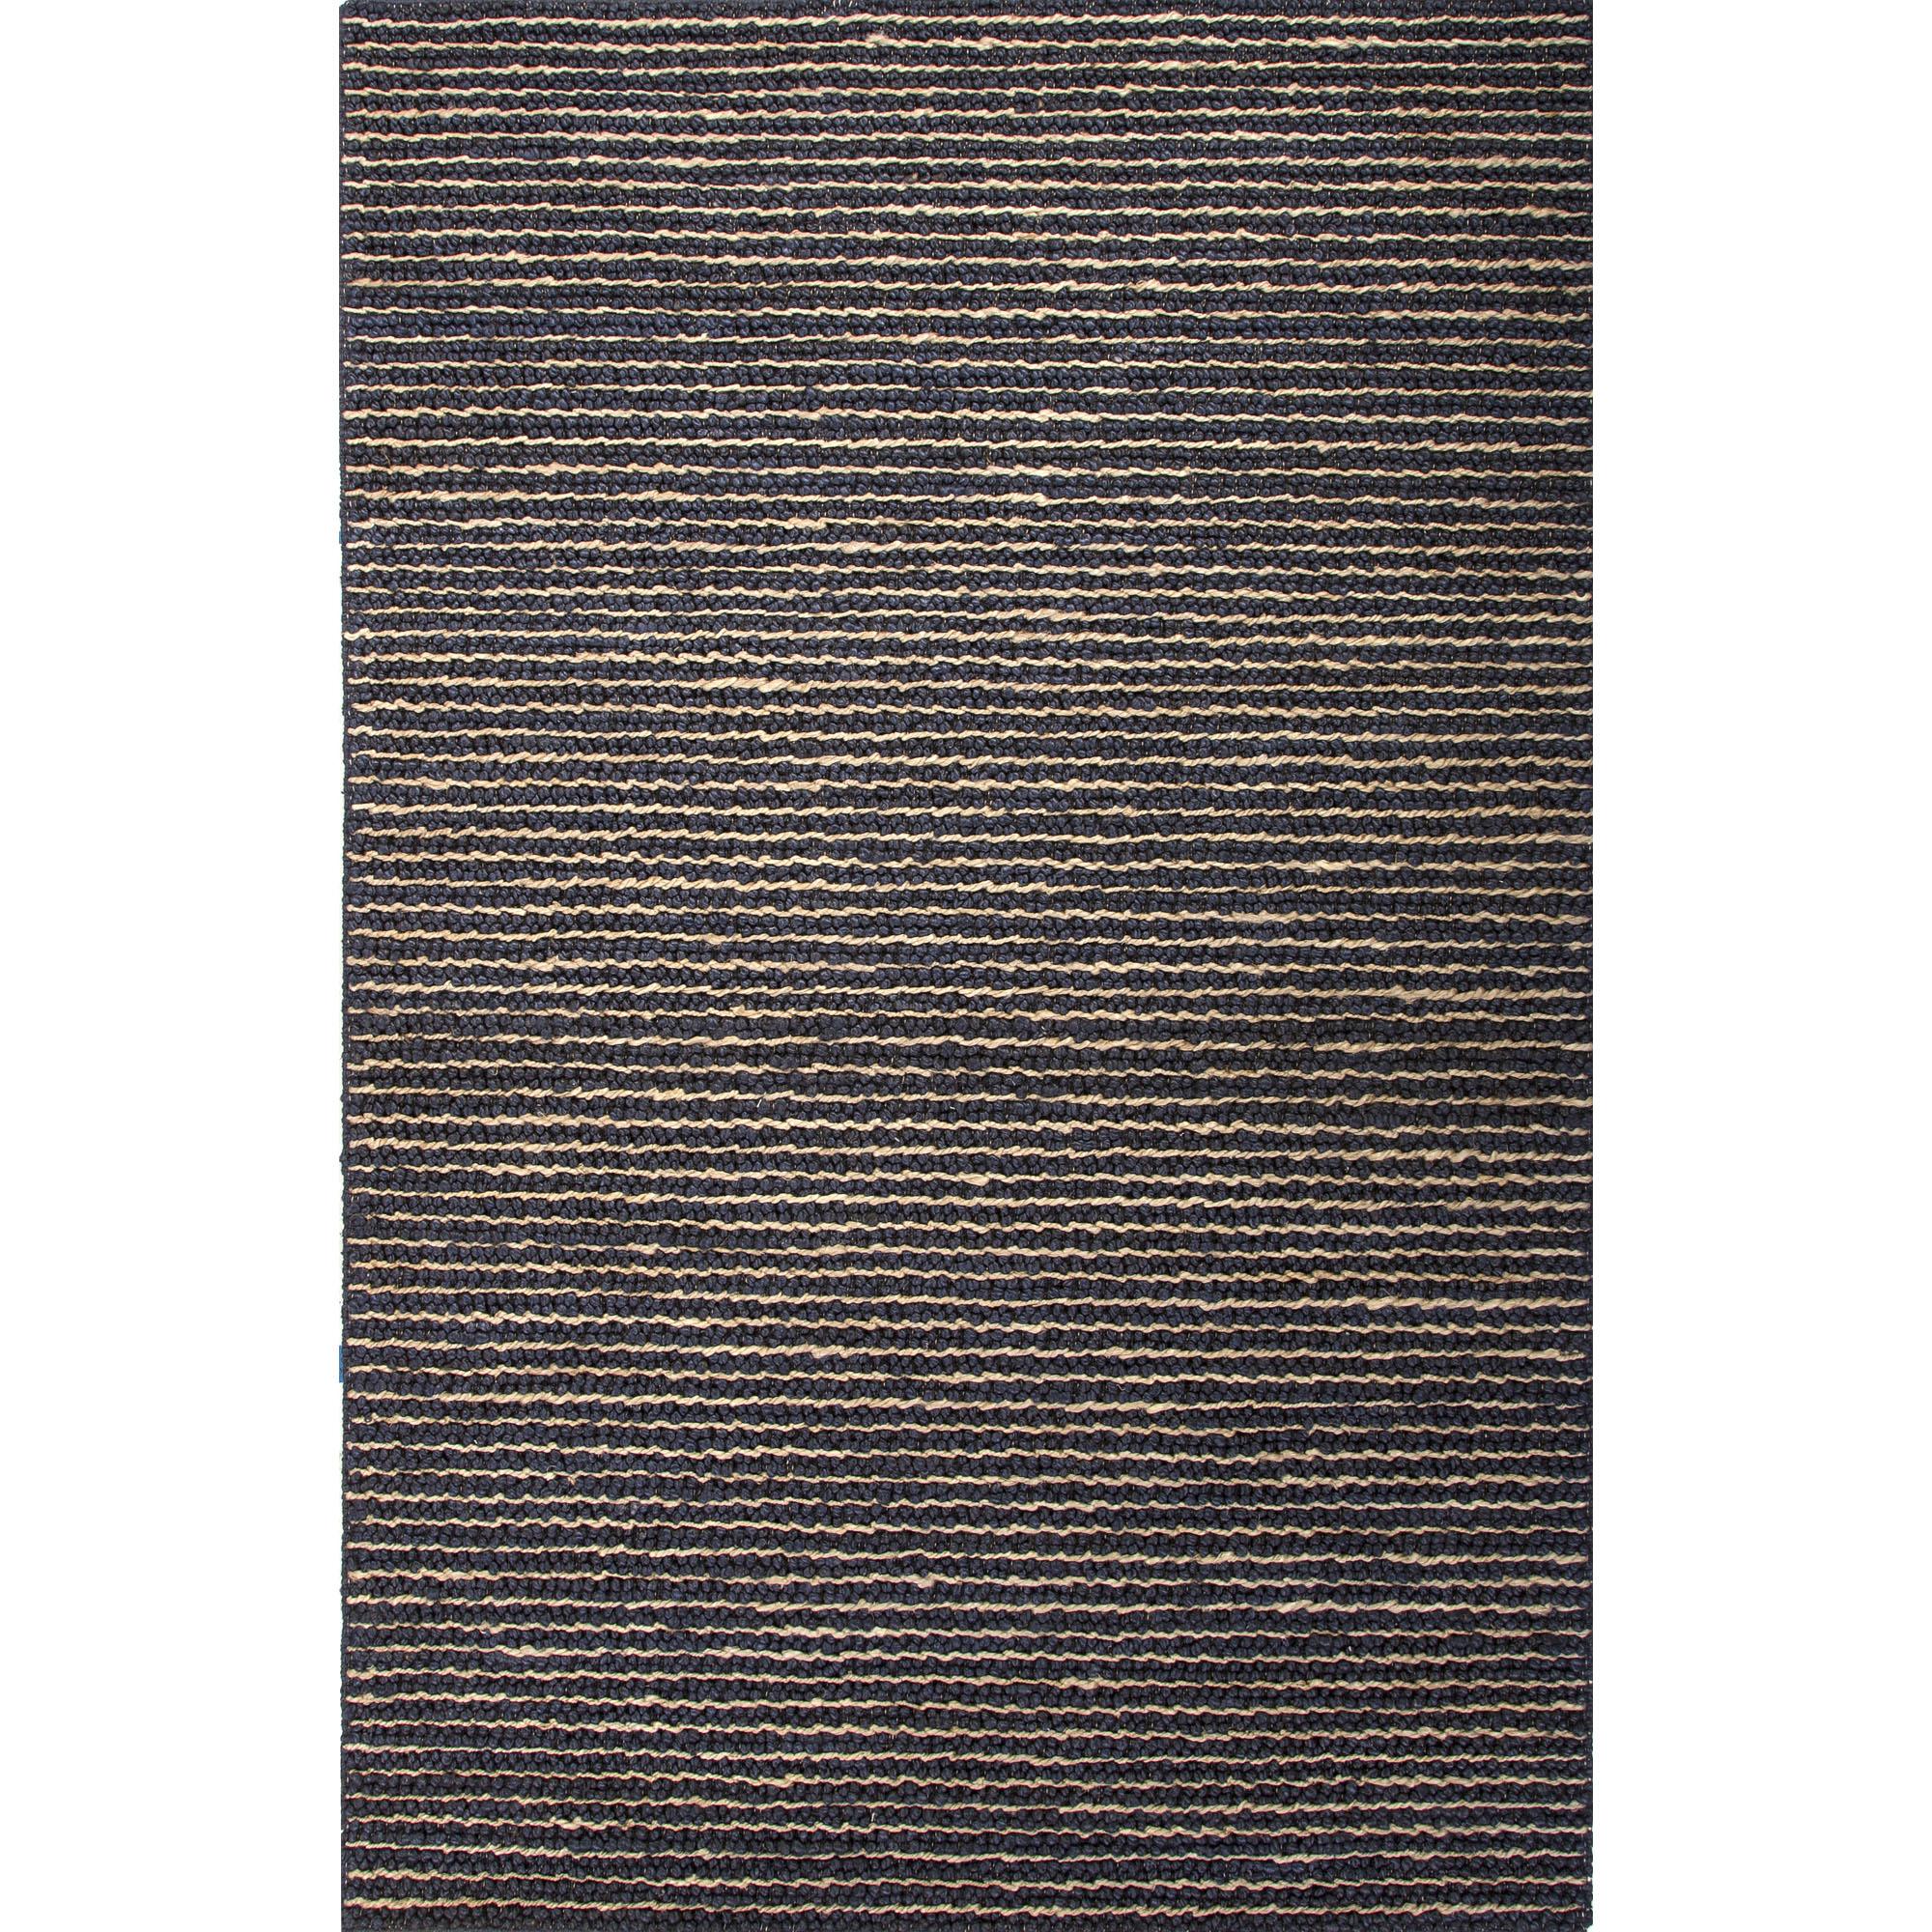 JAIPUR Rugs Naturals Seaside 5 x 8 Rug - Item Number: RUG117306